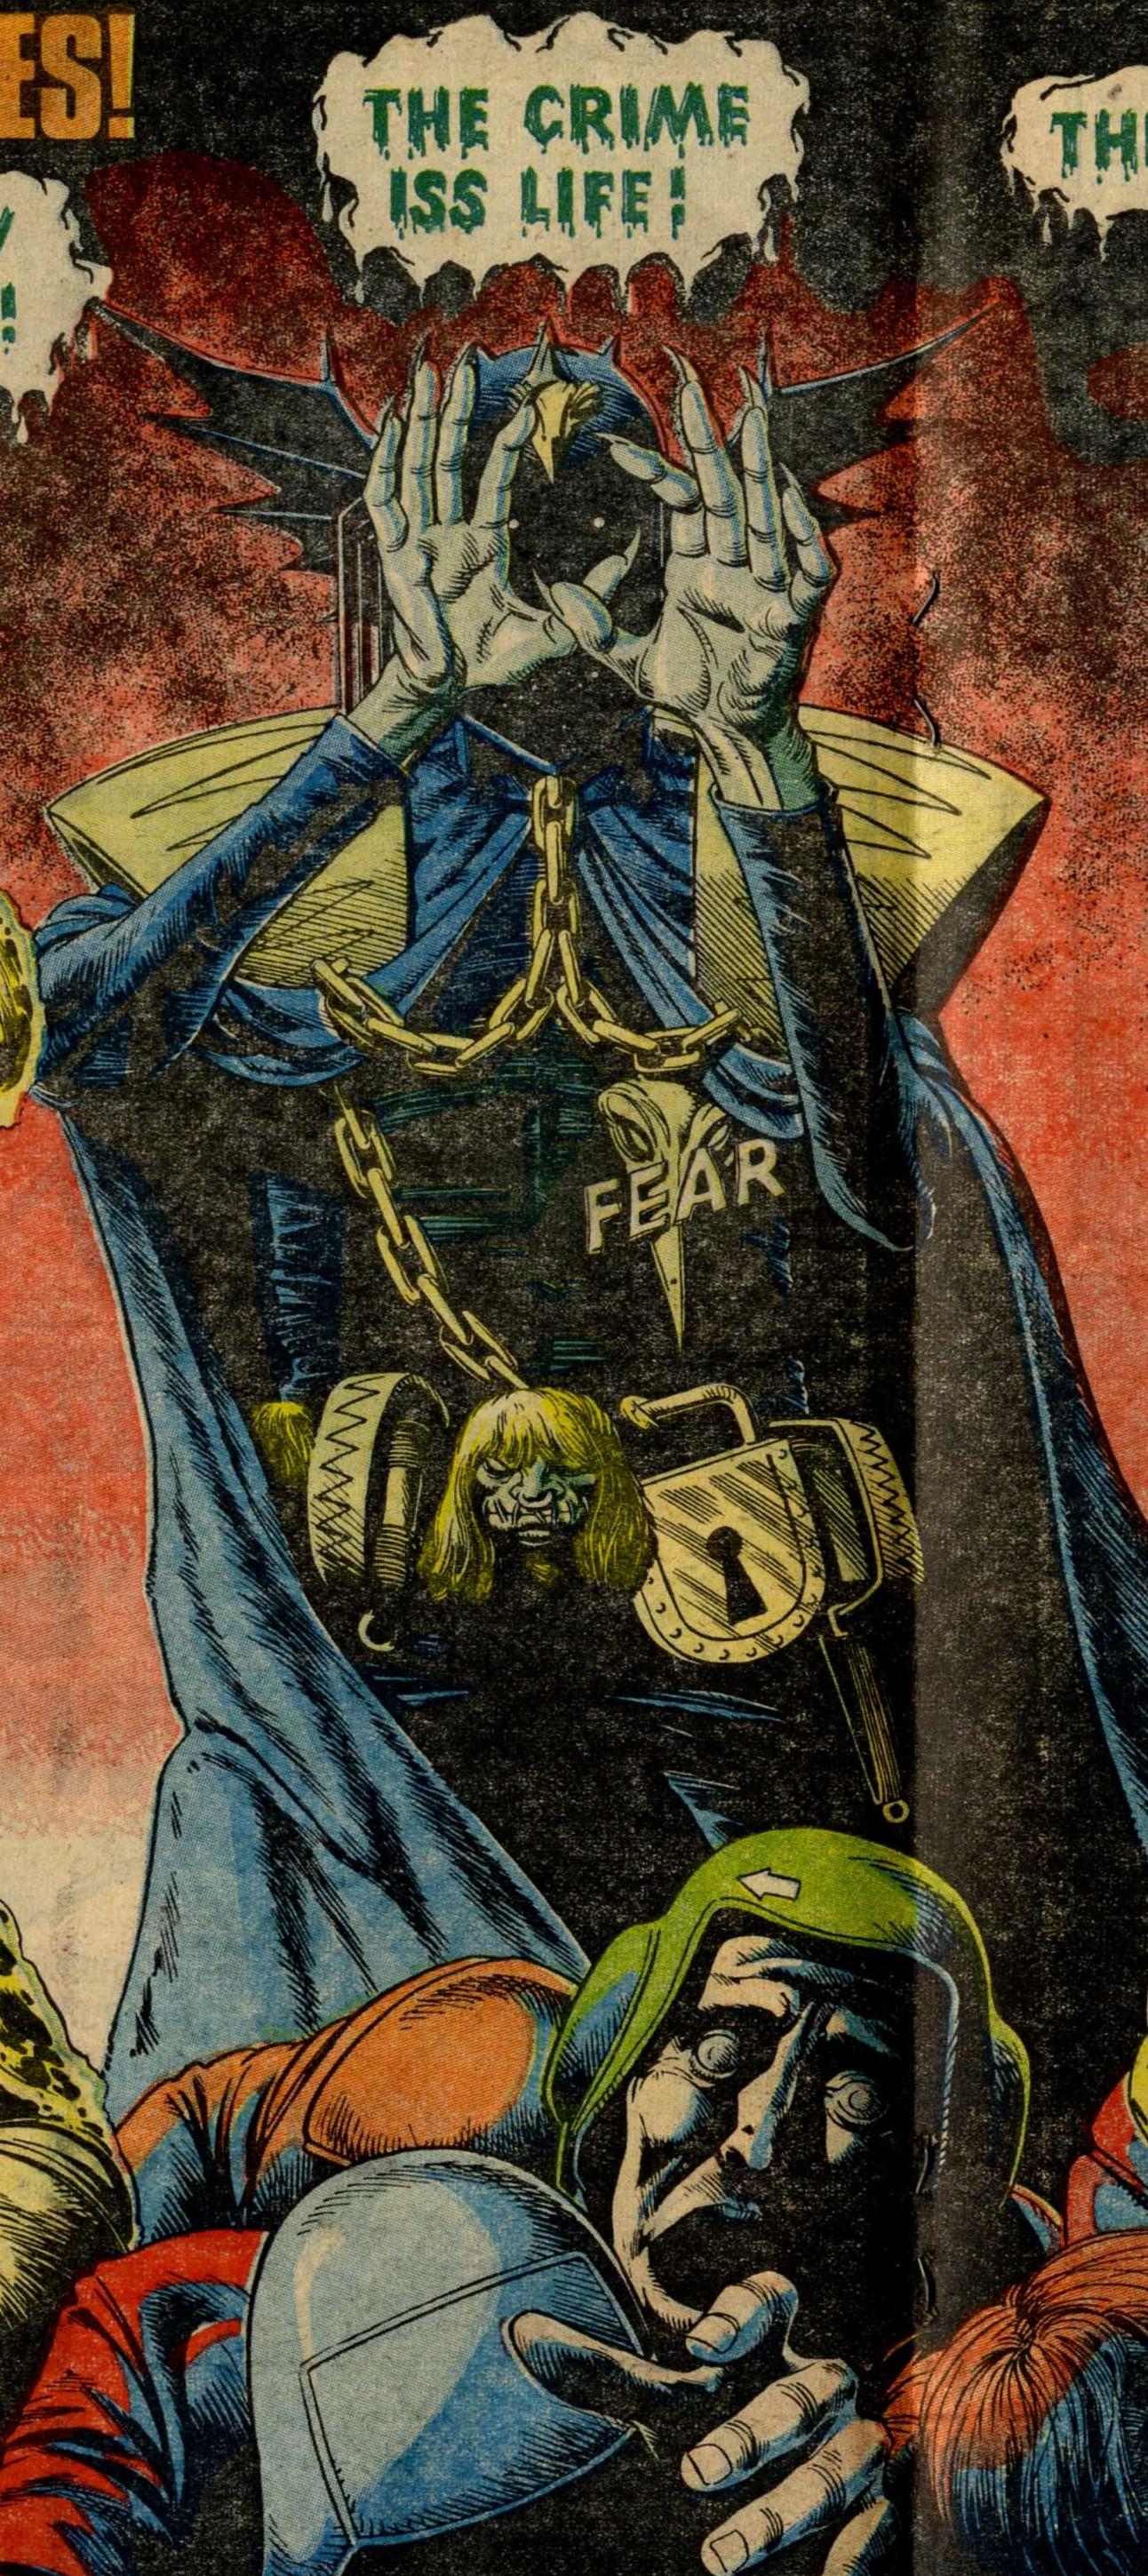 Judge Fear, drawn by Brian Bolland